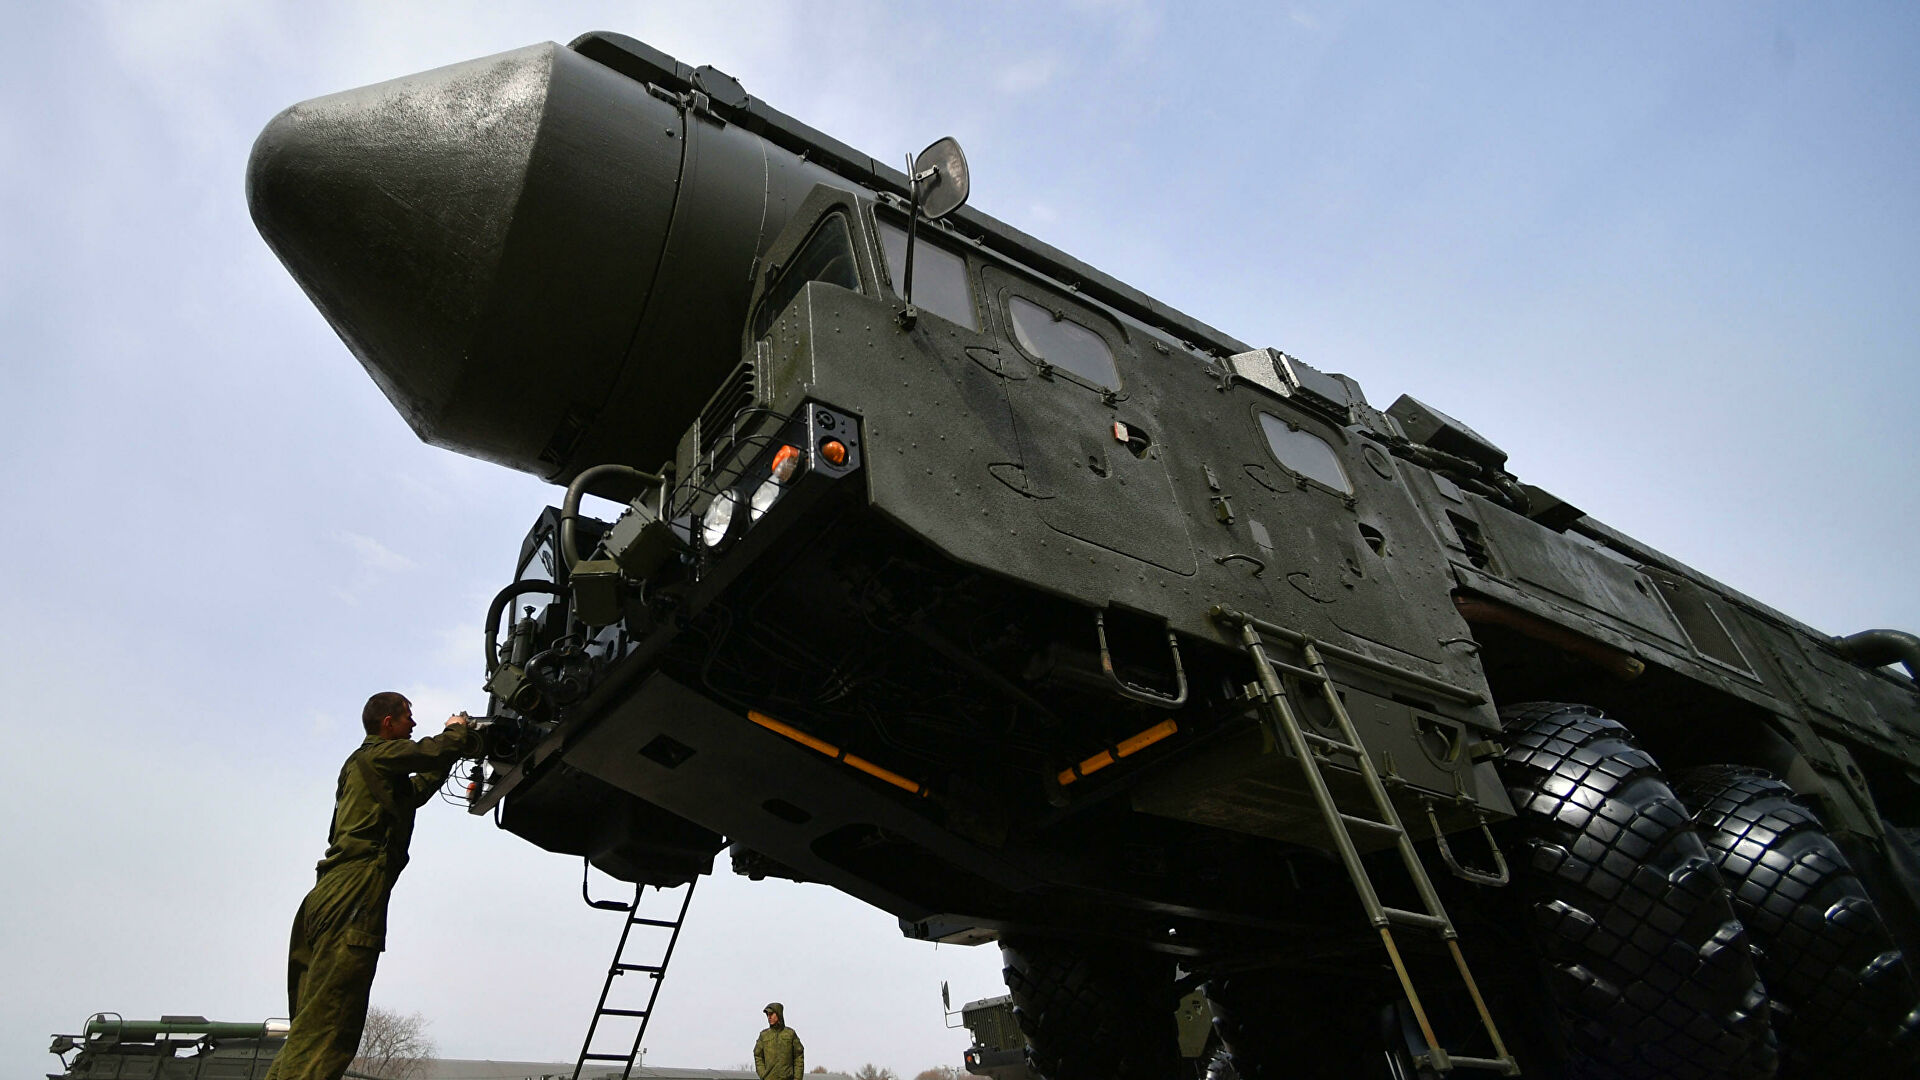 Москва објавила податке о укупном броју стратешких офанзивних оружја у складу са споразумом СТАРТ